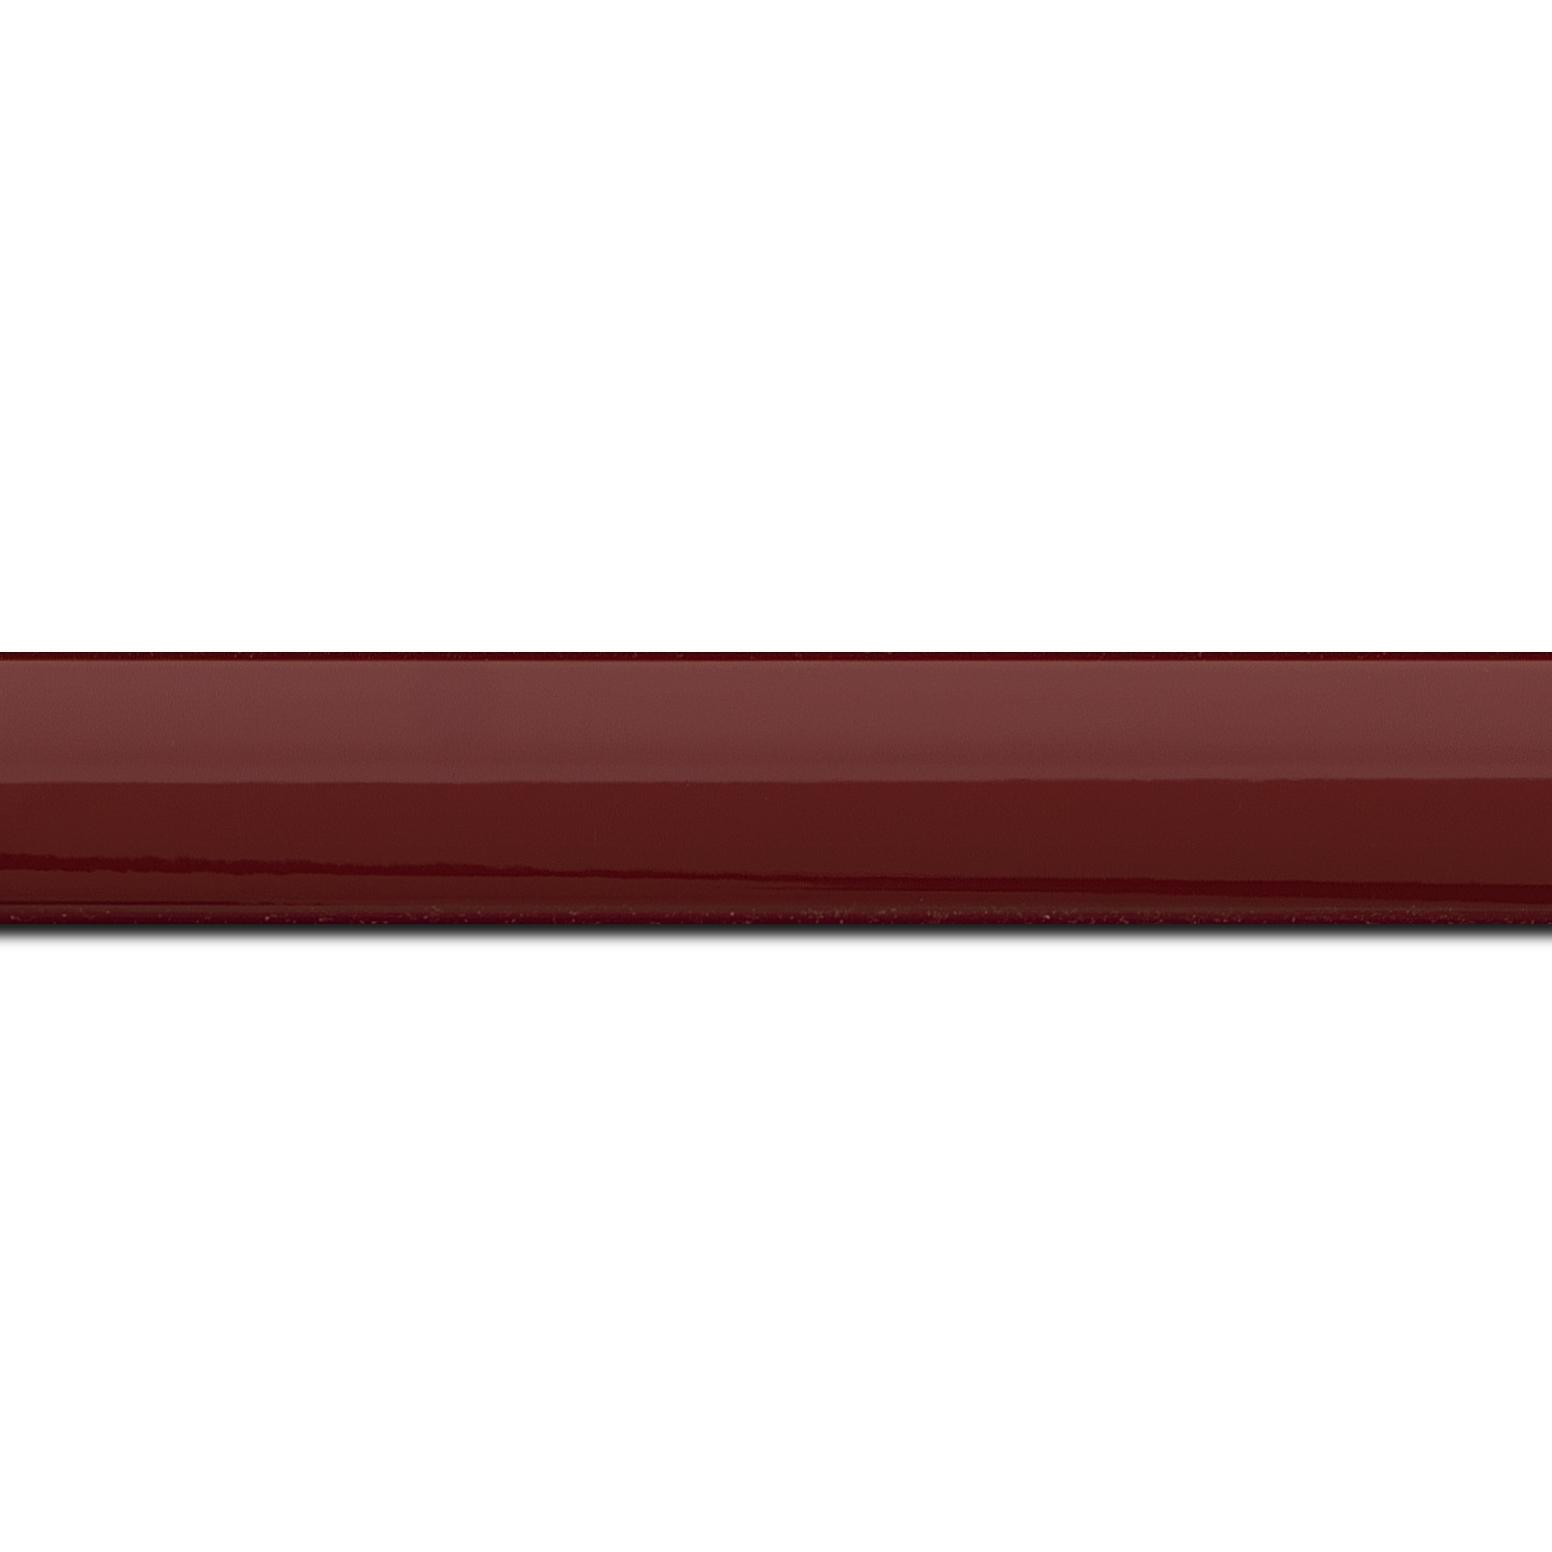 Baguette longueur 1.40m bois profil méplat largeur 2.3cm couleur bordeaux laqué